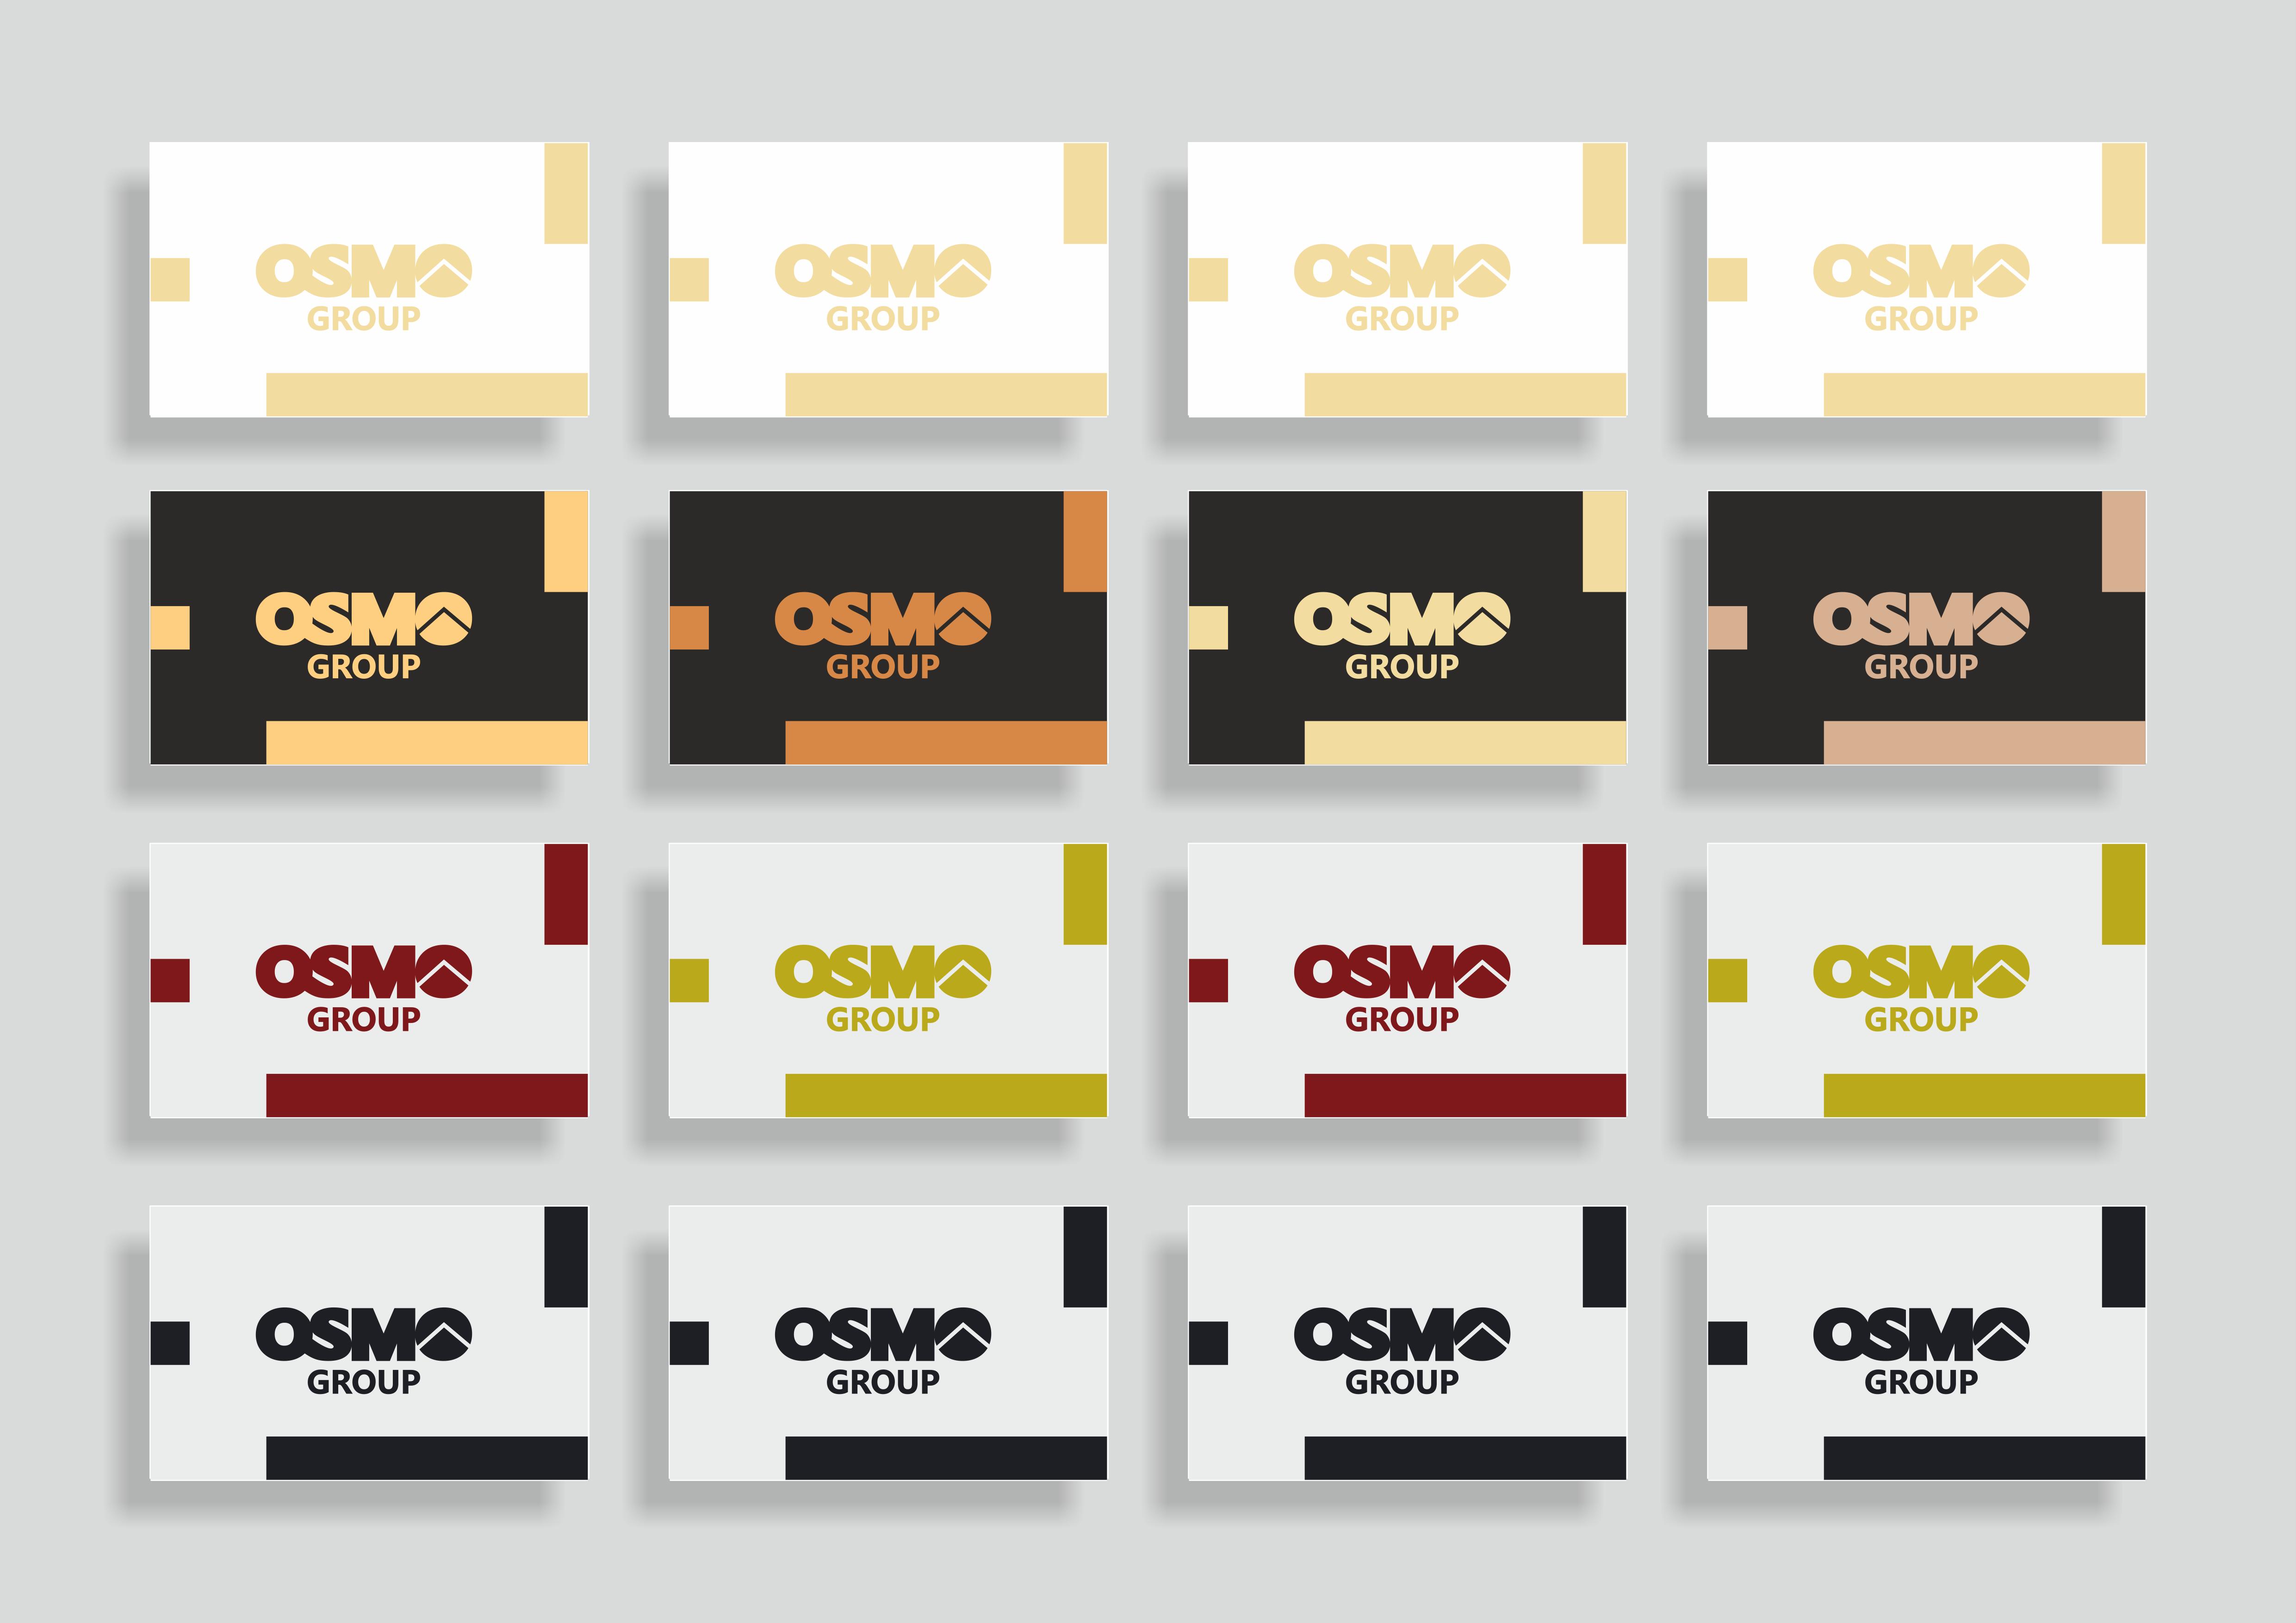 Создание логотипа для строительной компании OSMO group  фото f_76259b4fbfd5847d.png